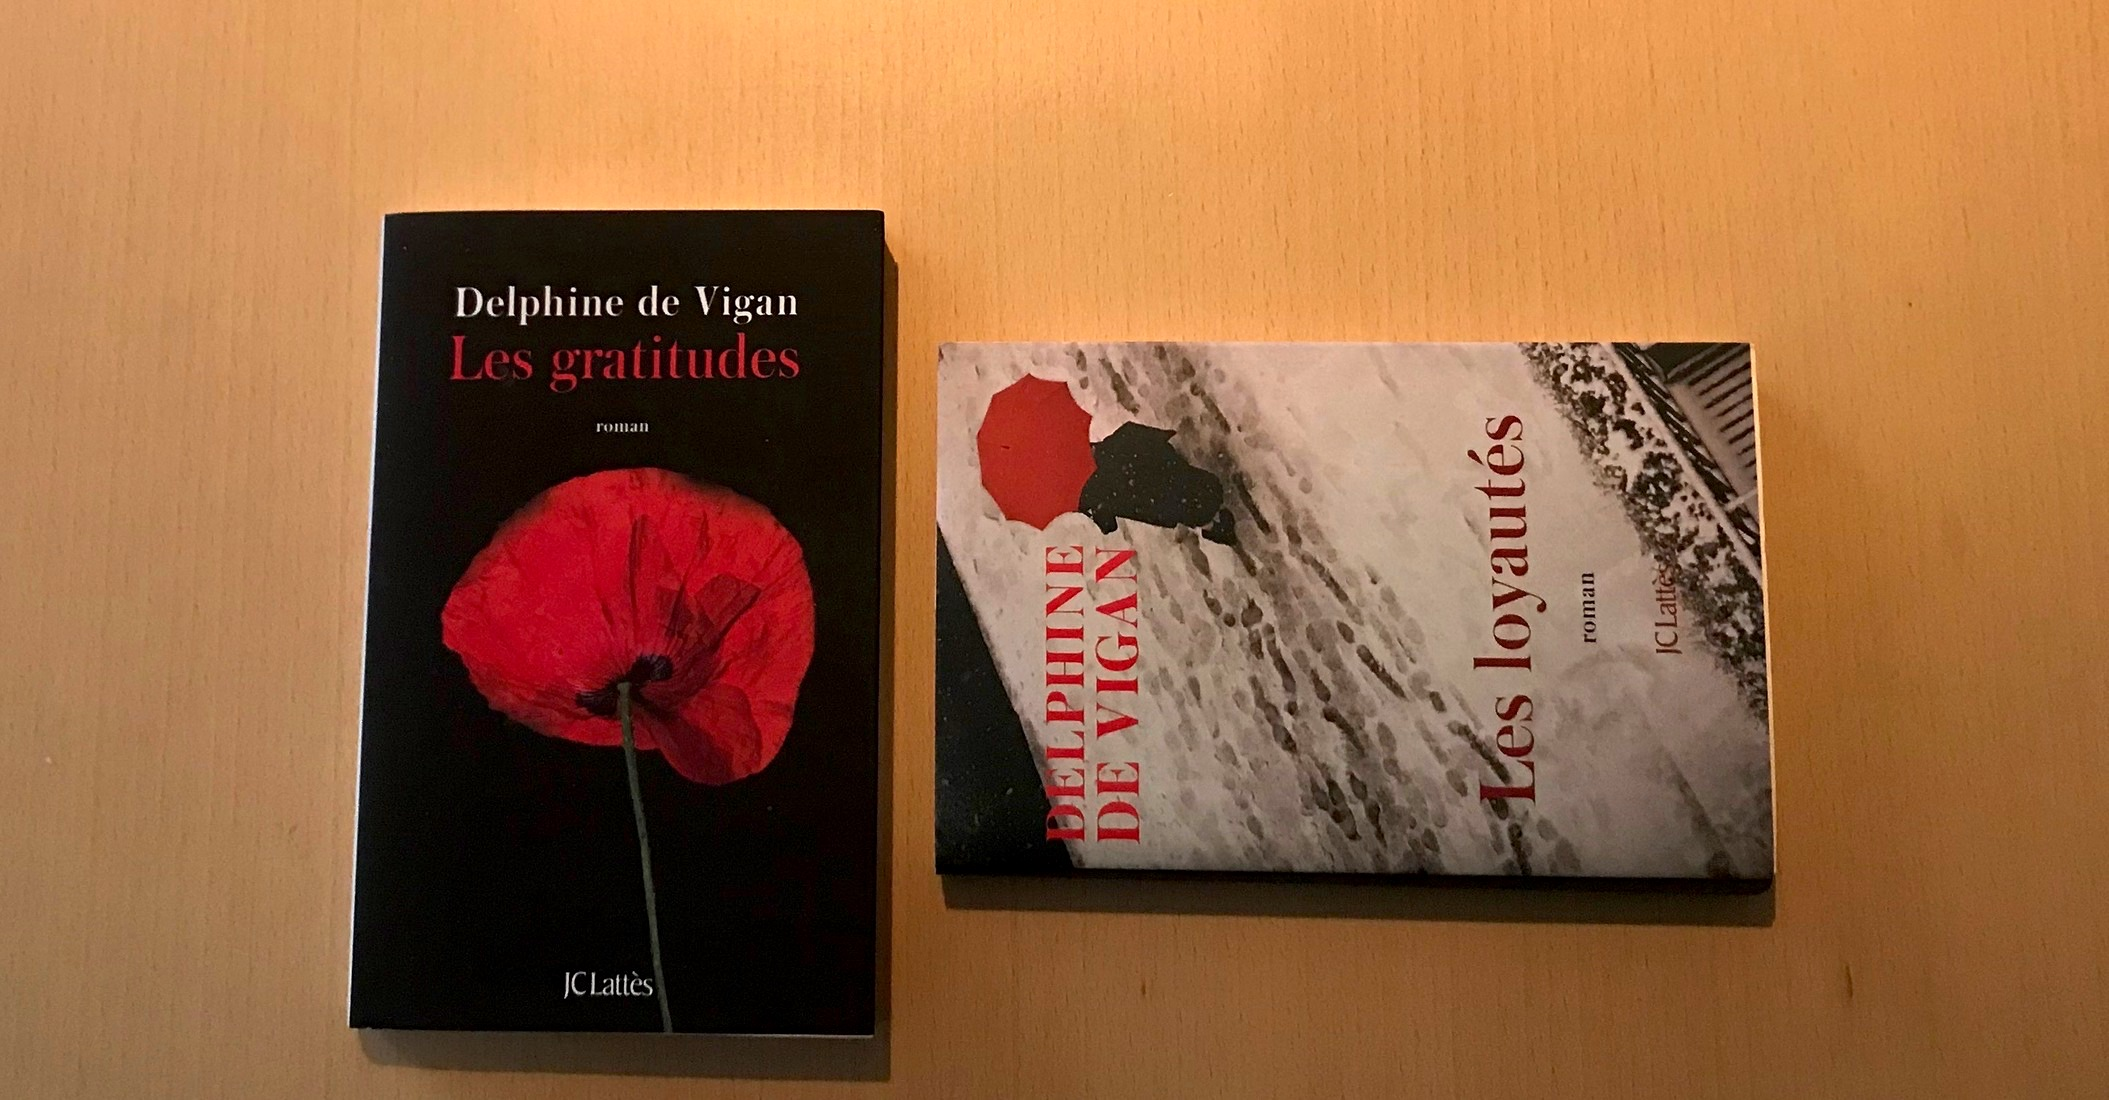 Les gratitudes-Les loyautés- Delphine de Vigan